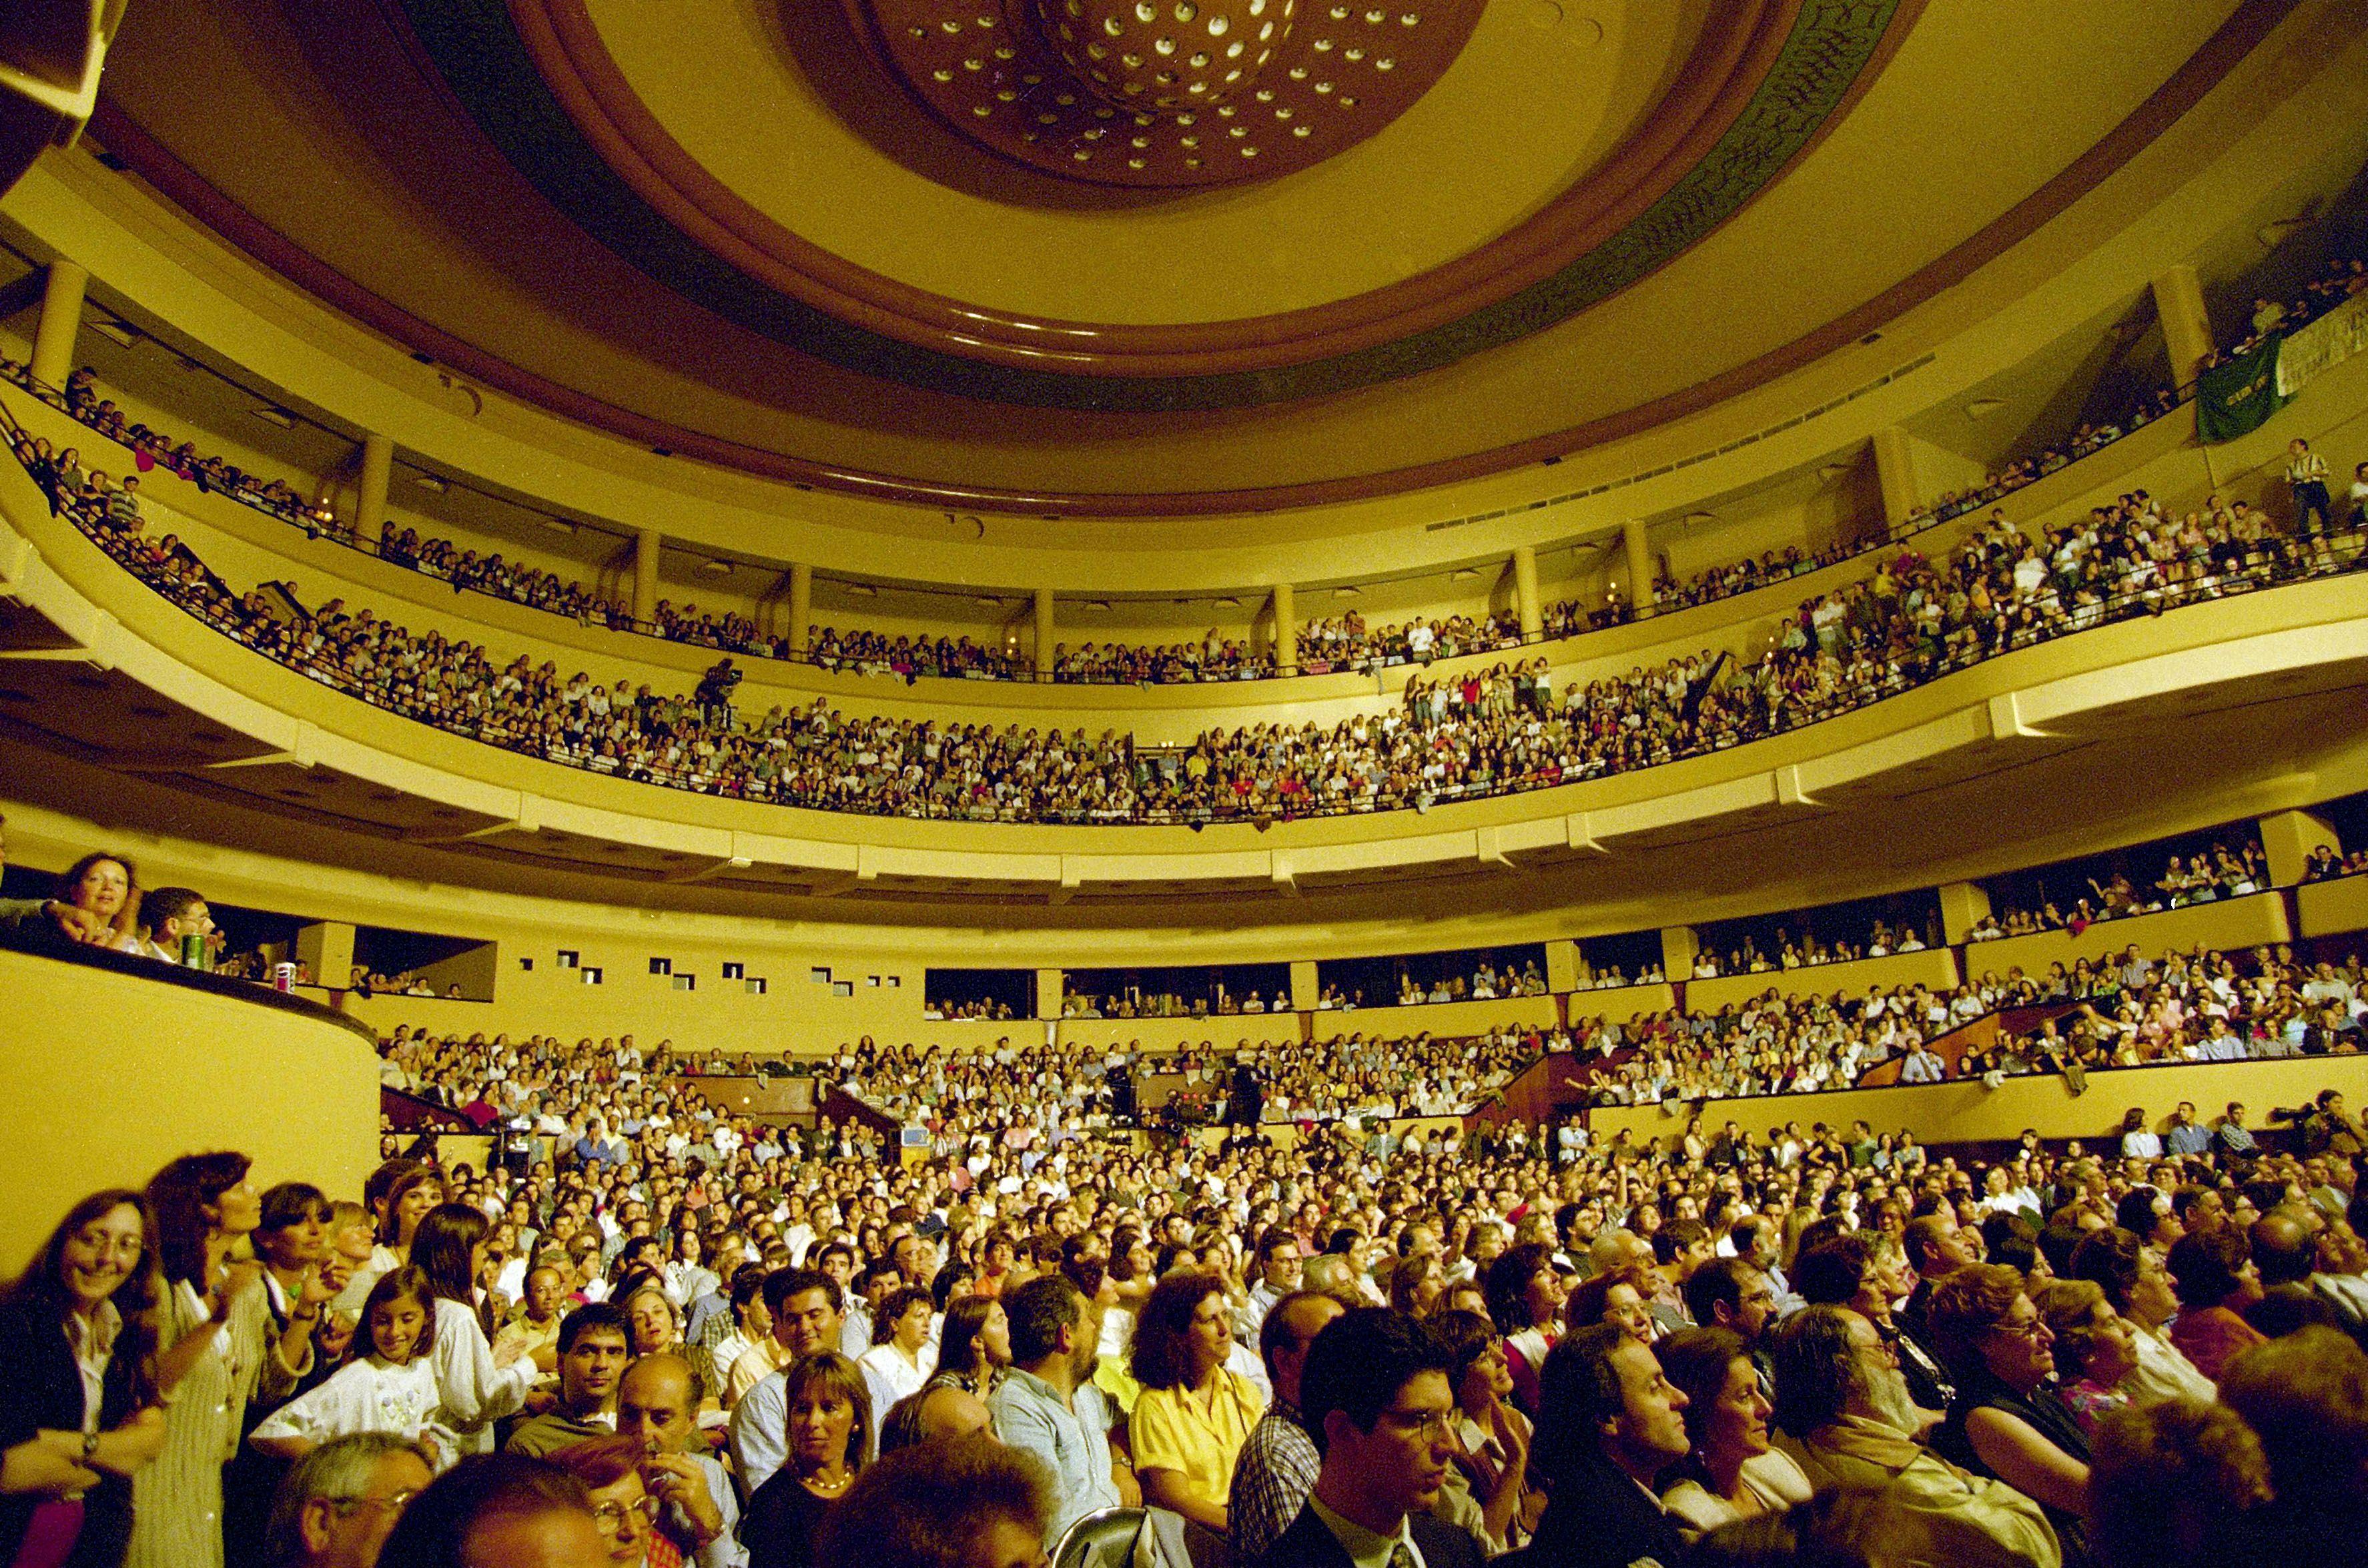 Teatros e cinemas podem reabrir com todas as filas ocupadas, diz ministra da Cultura